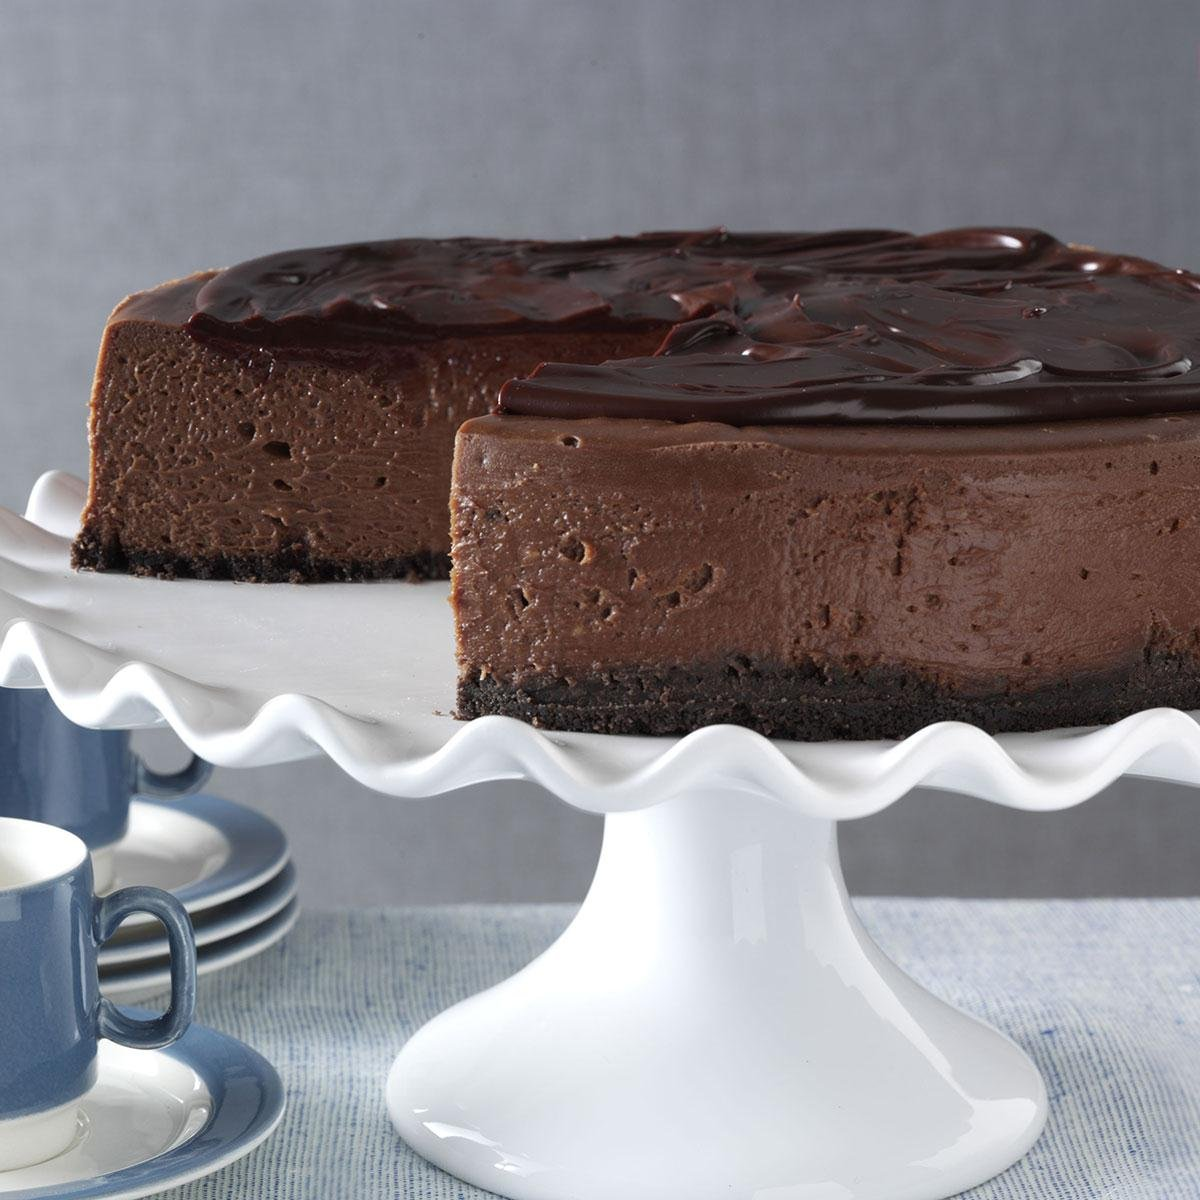 белок шоколадный чизкейк без выпечки рецепт с фото подавления камер проводной